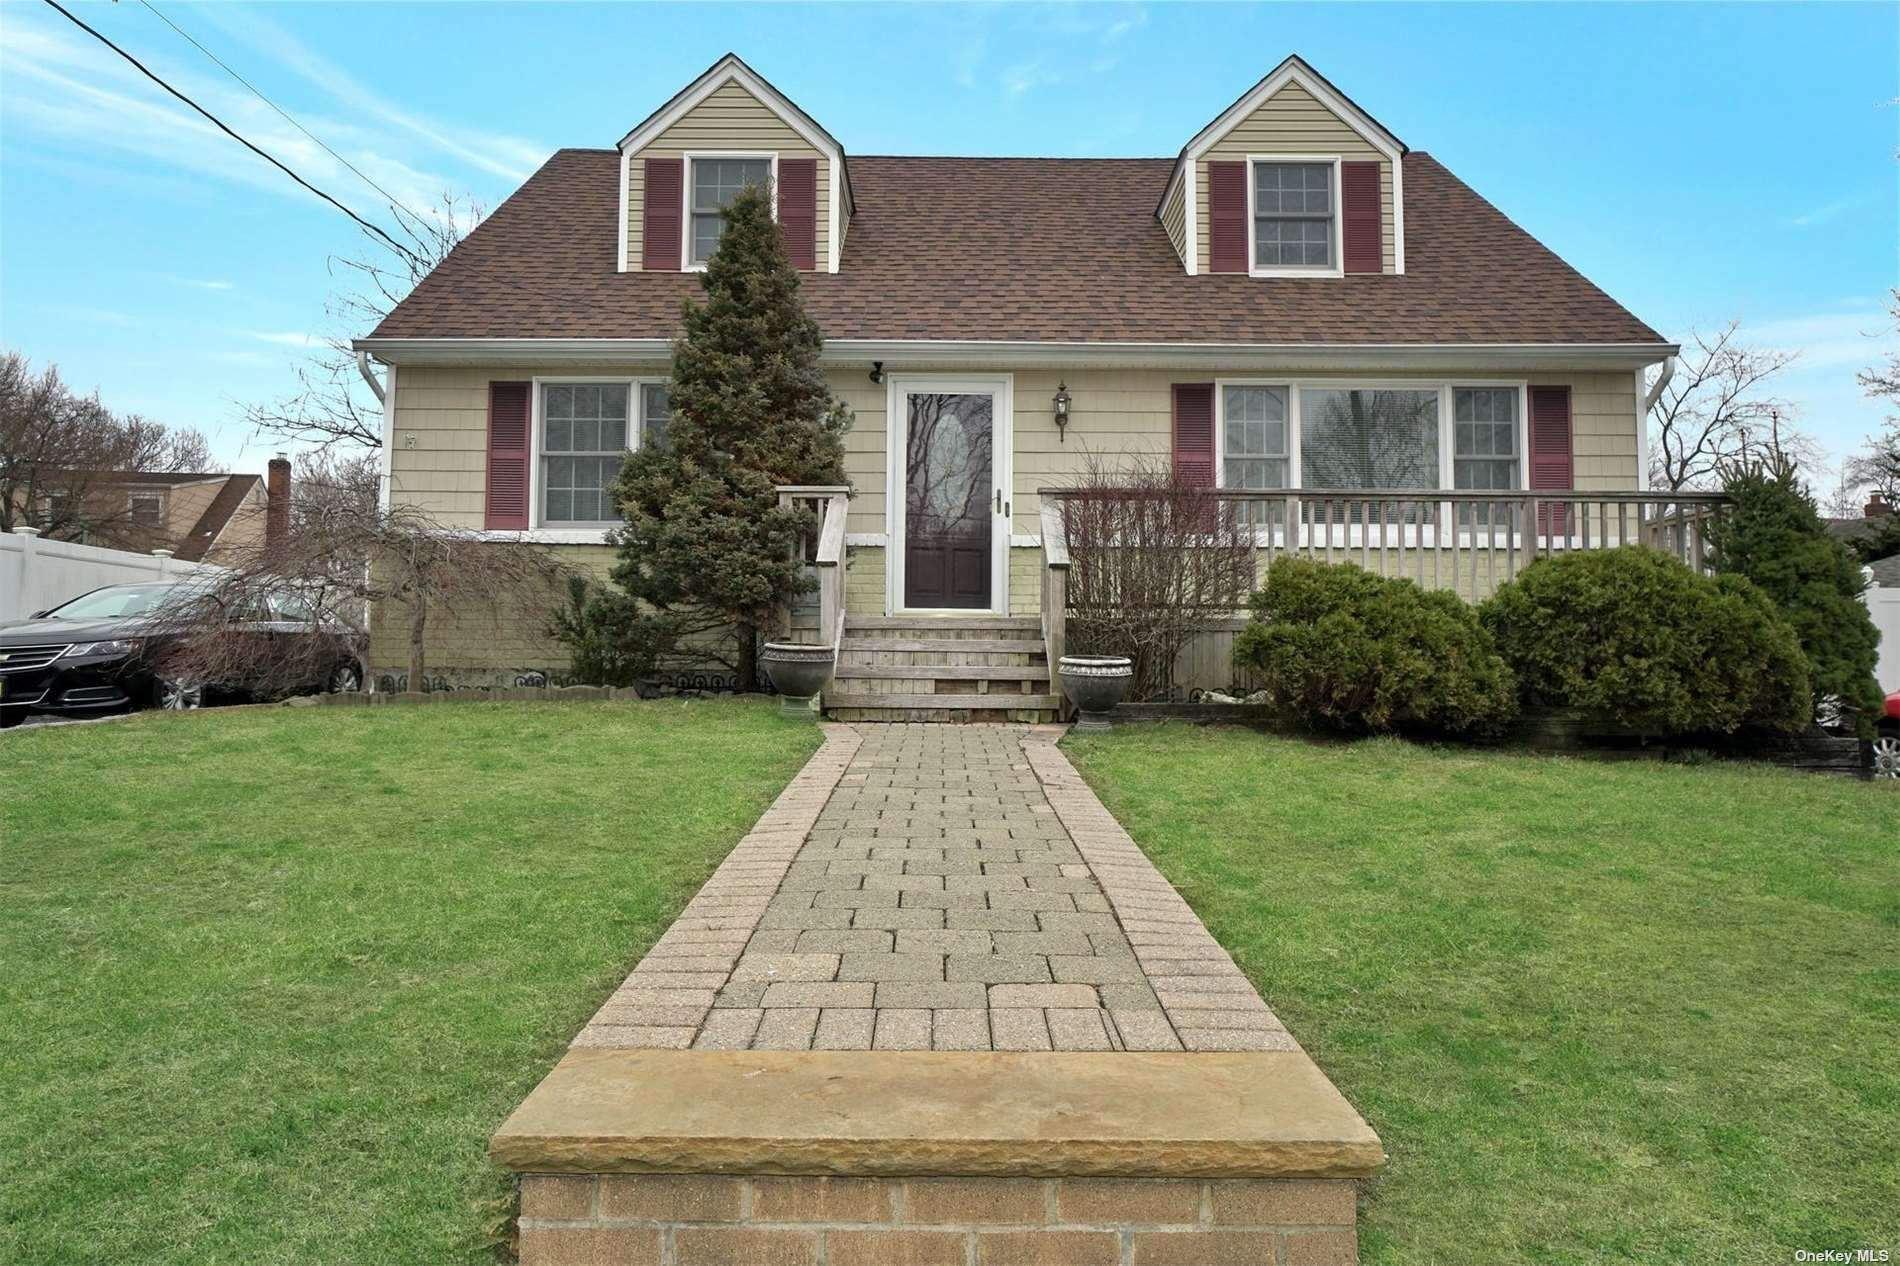 60 Dix Hills Road, Huntington, NY 11743 - MLS#: 3296959